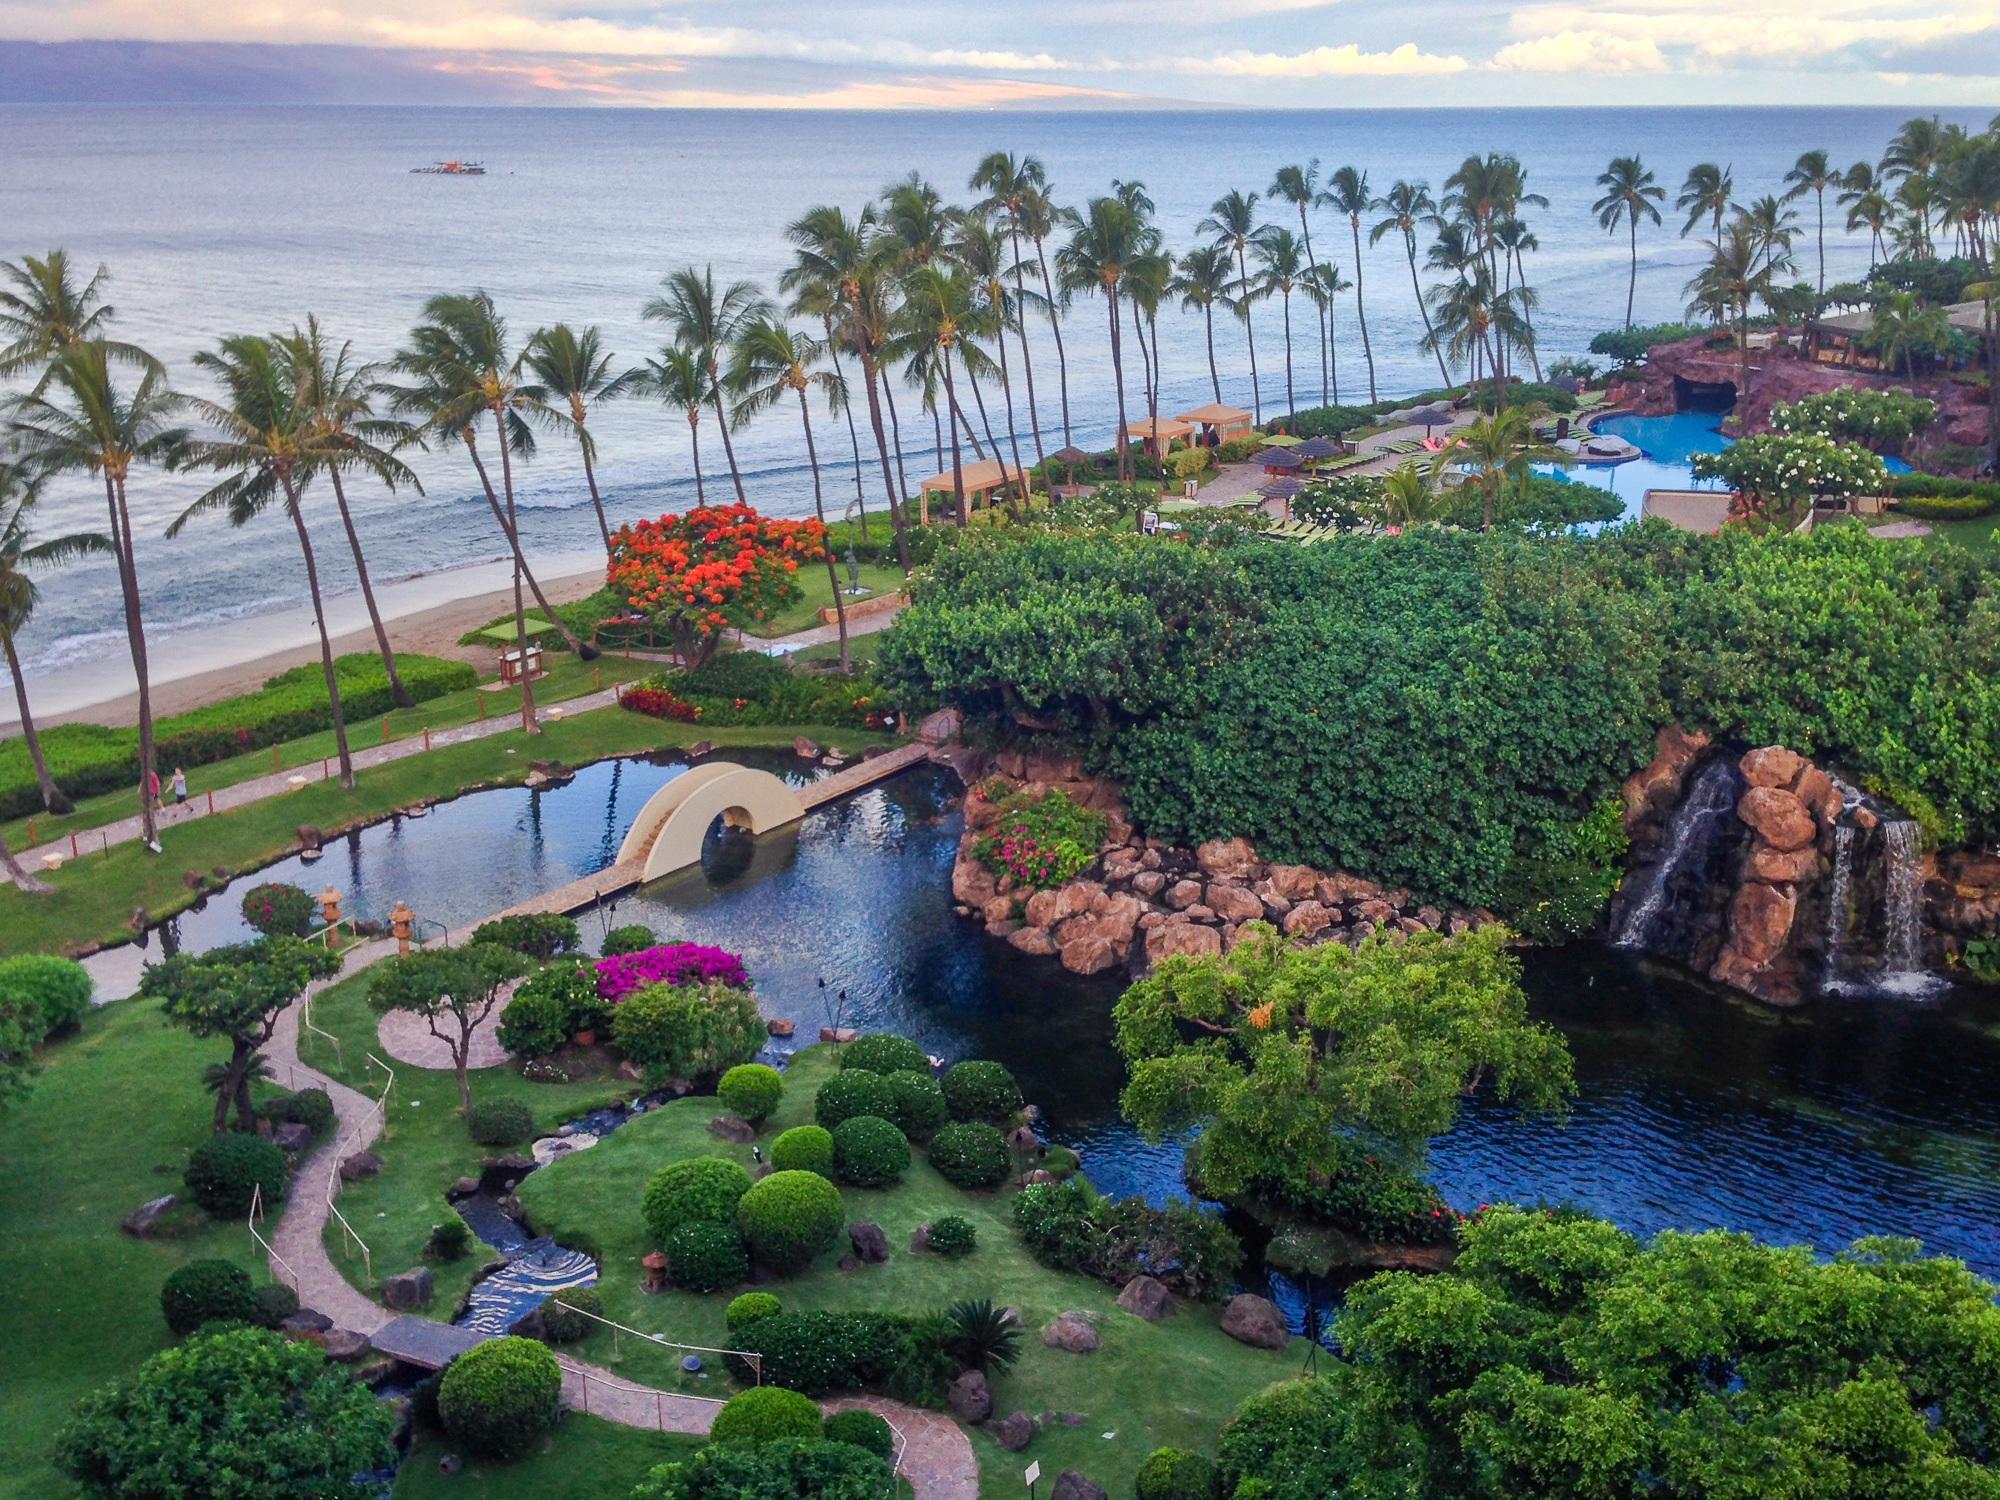 Hyatt Regency Maui's lush grounds